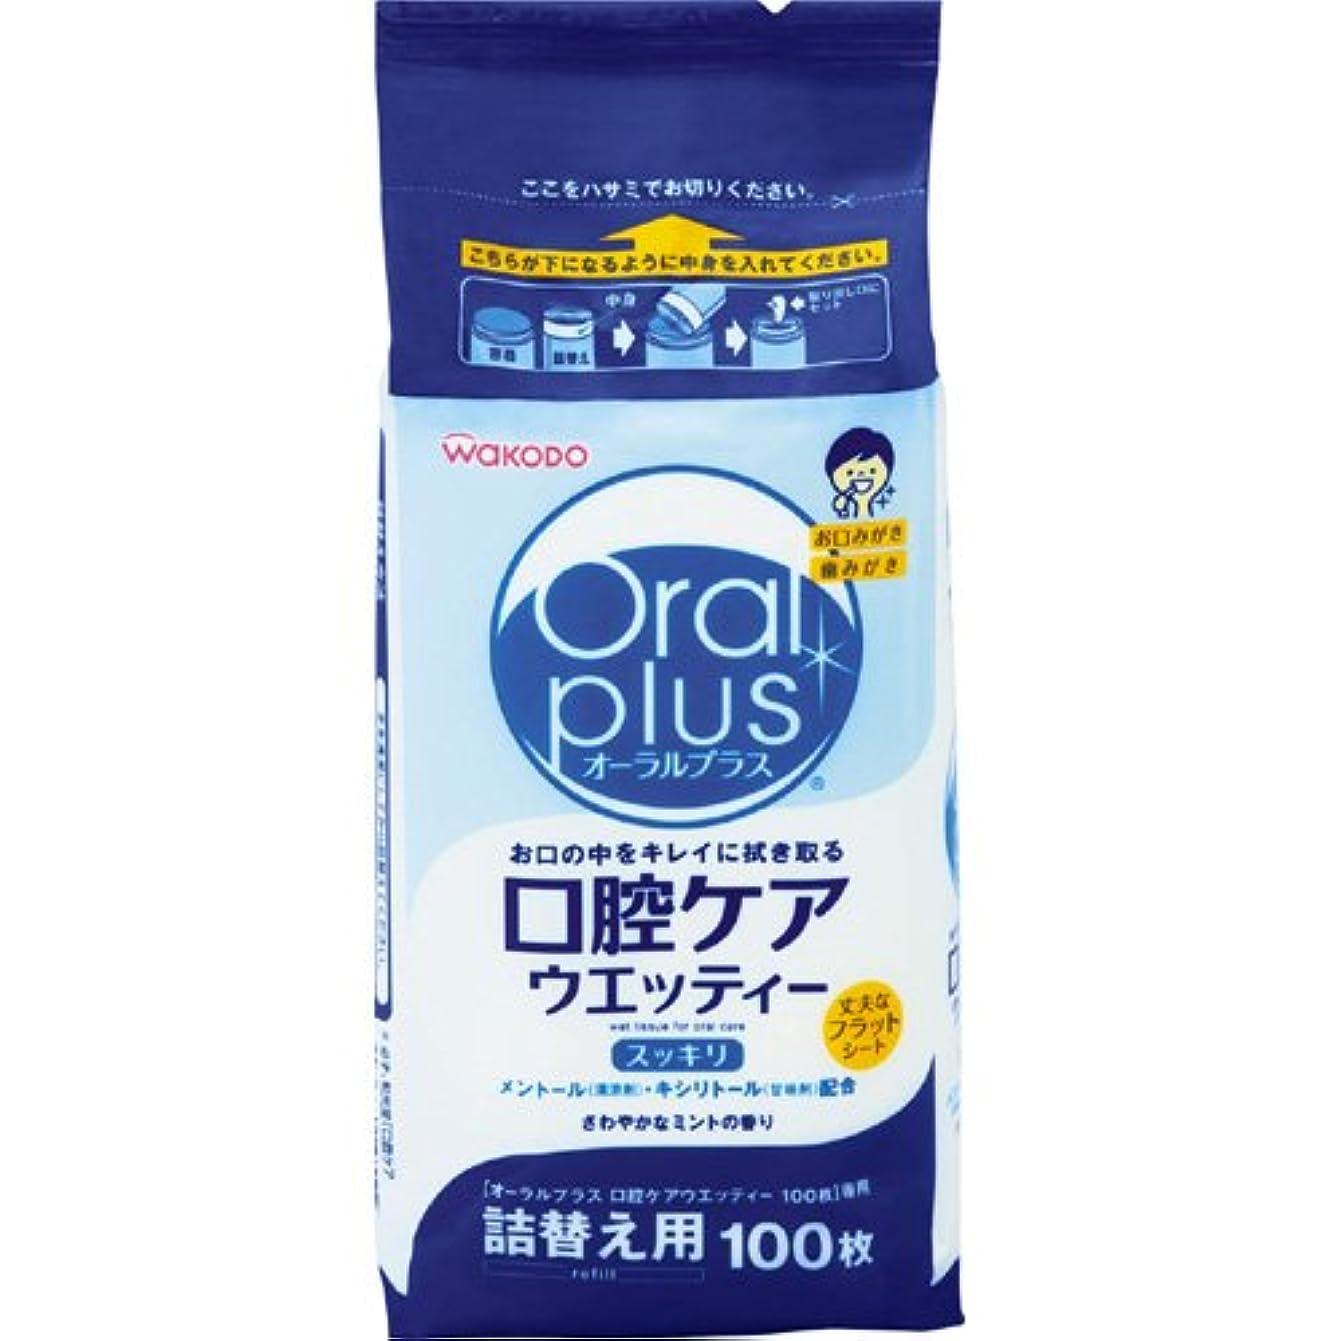 控えめな肥満に渡ってオーラルプラス 口腔ケアウエッティー ミントの香り 詰替え用 100枚 1ケース(12個入)